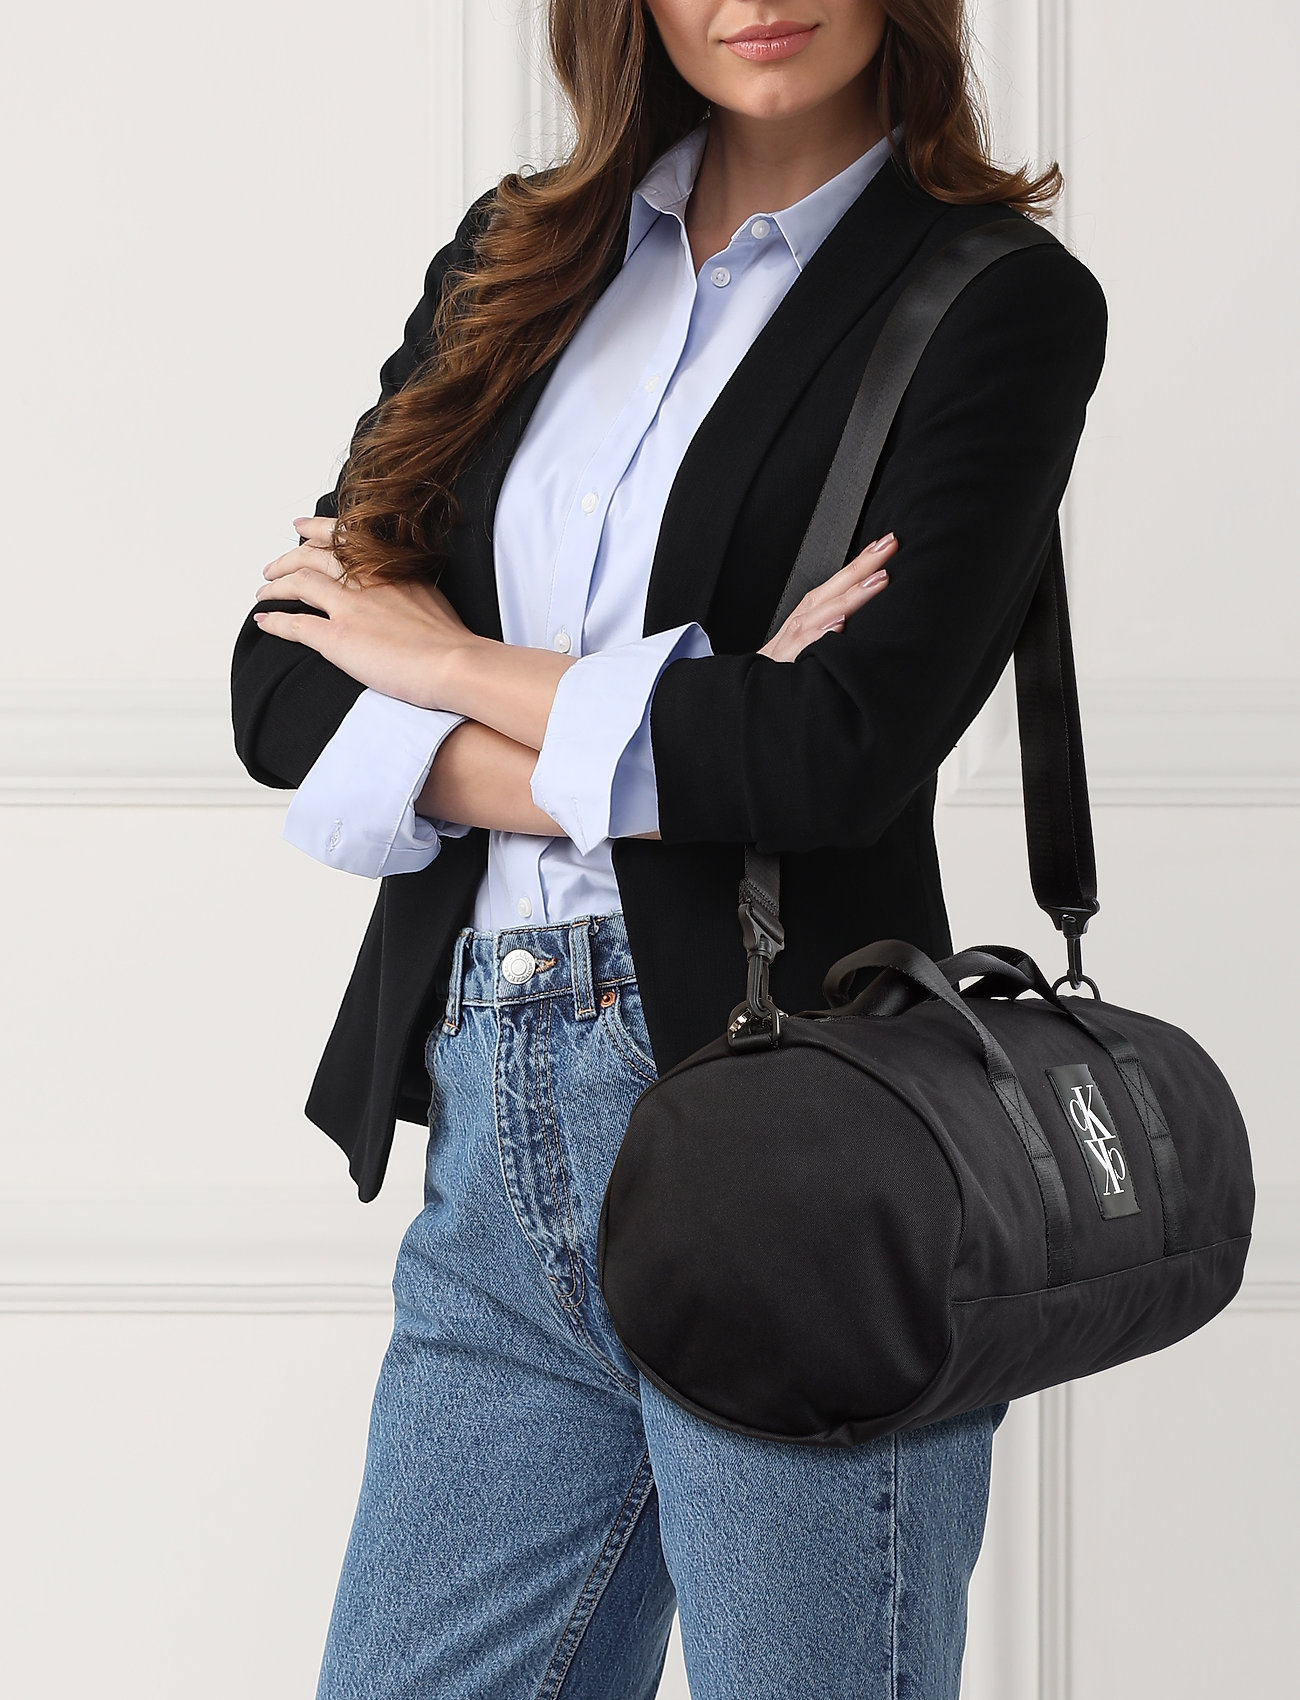 Calvin Klein SPORT ESSENTIALS BRL DUFFLE 49 - BLACK